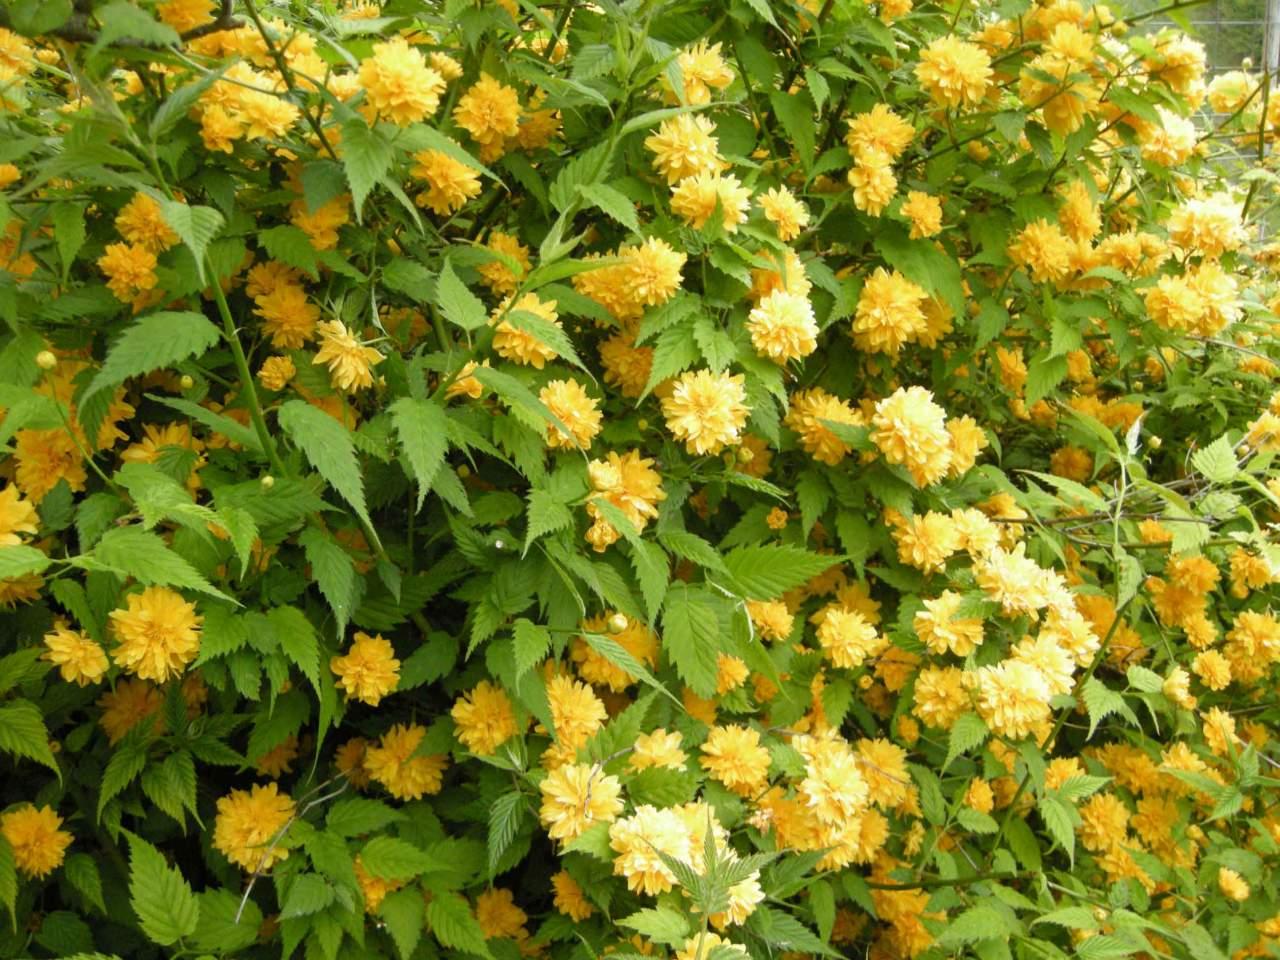 Arbusto A Fiori Gialli kerria, per una siepe fiorita in giallo - passione in verde